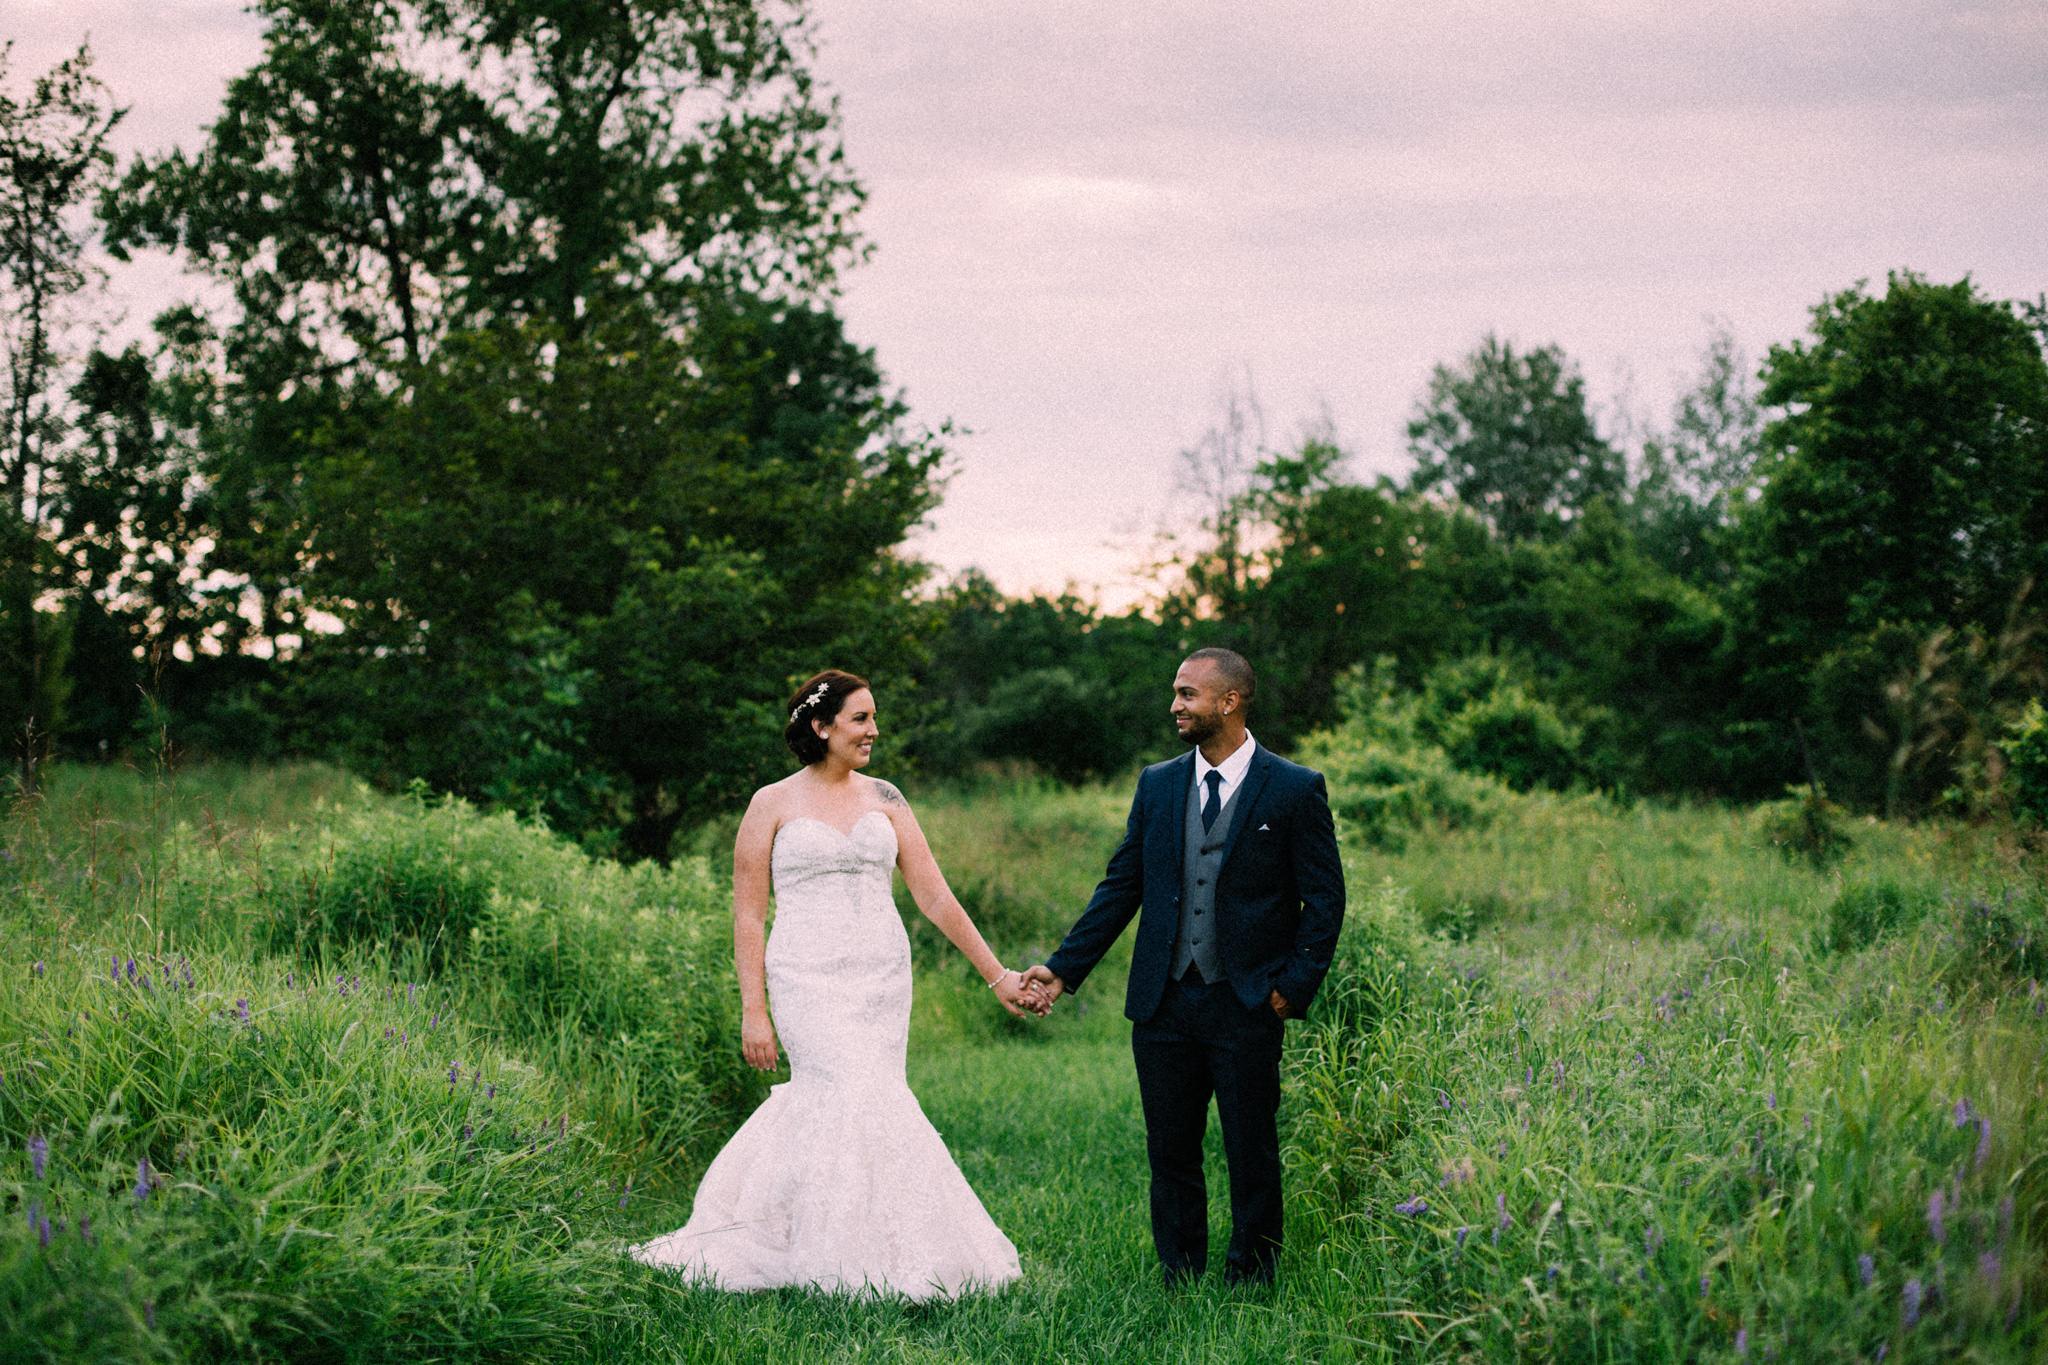 Orillia summer wedding at Northbrook Farms by Max Wong Photo (39)